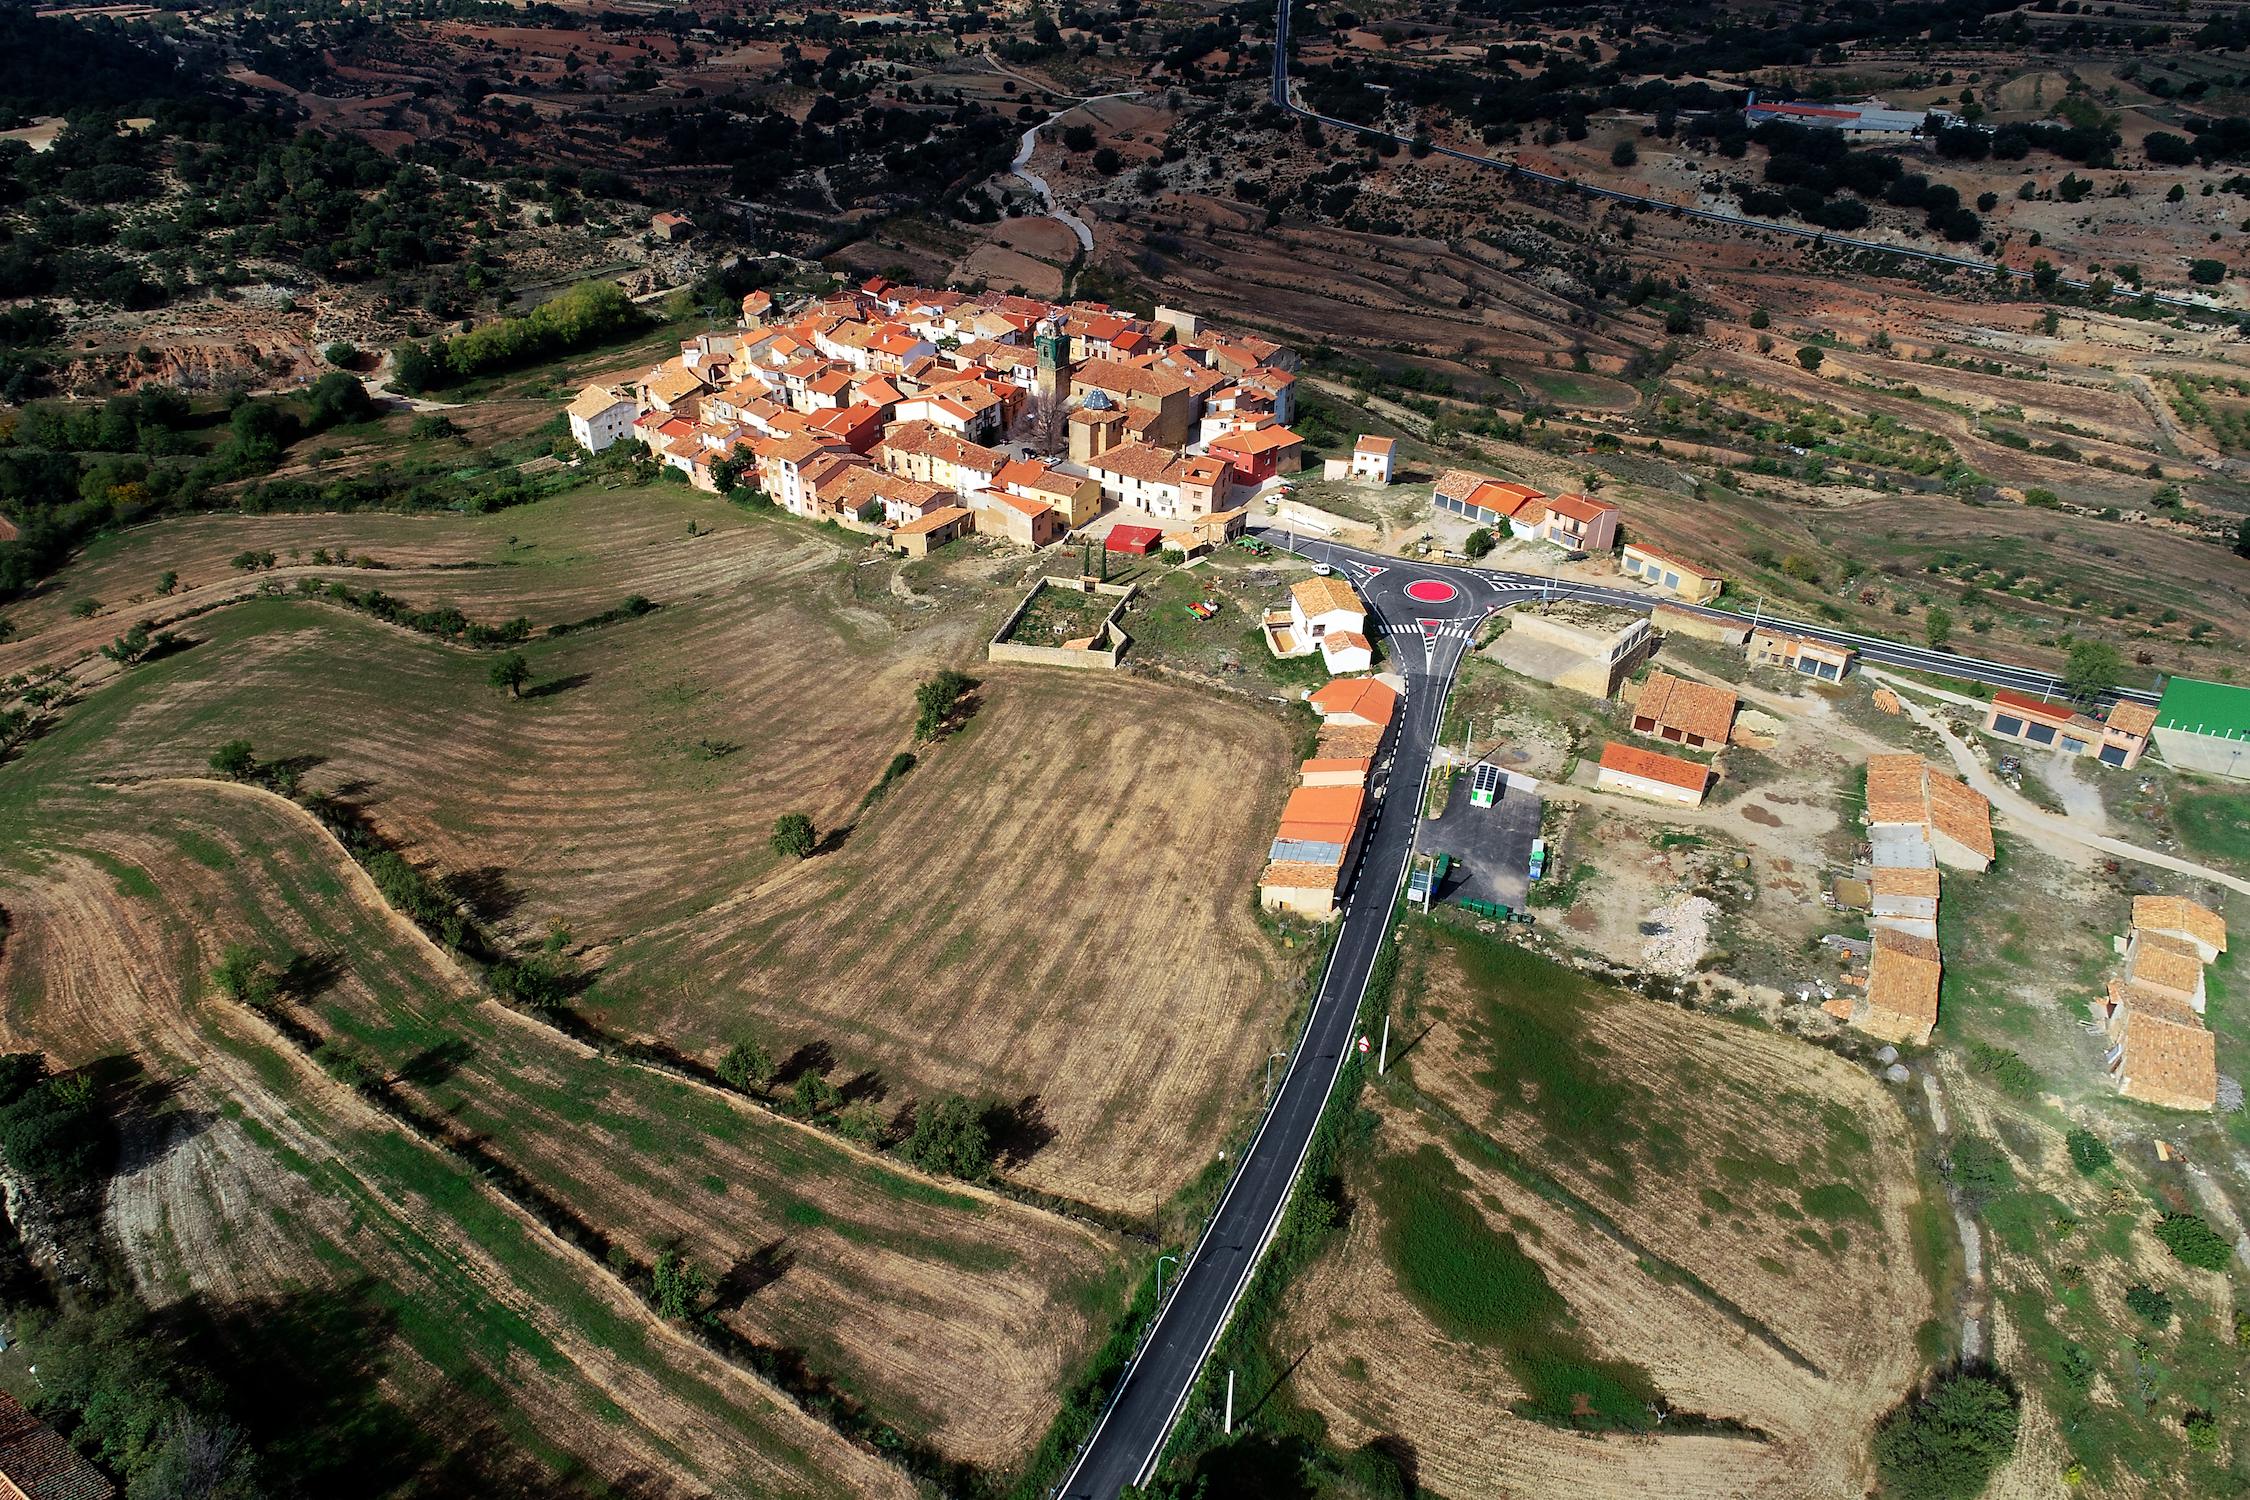 El Diputado Pablo Seguí destaca que los 4,5 millones de euros invertidos en las carreteras del Rincón demuestran la apuesta de la institución por vertebrar el territorio y por luchar contra la despoblación.